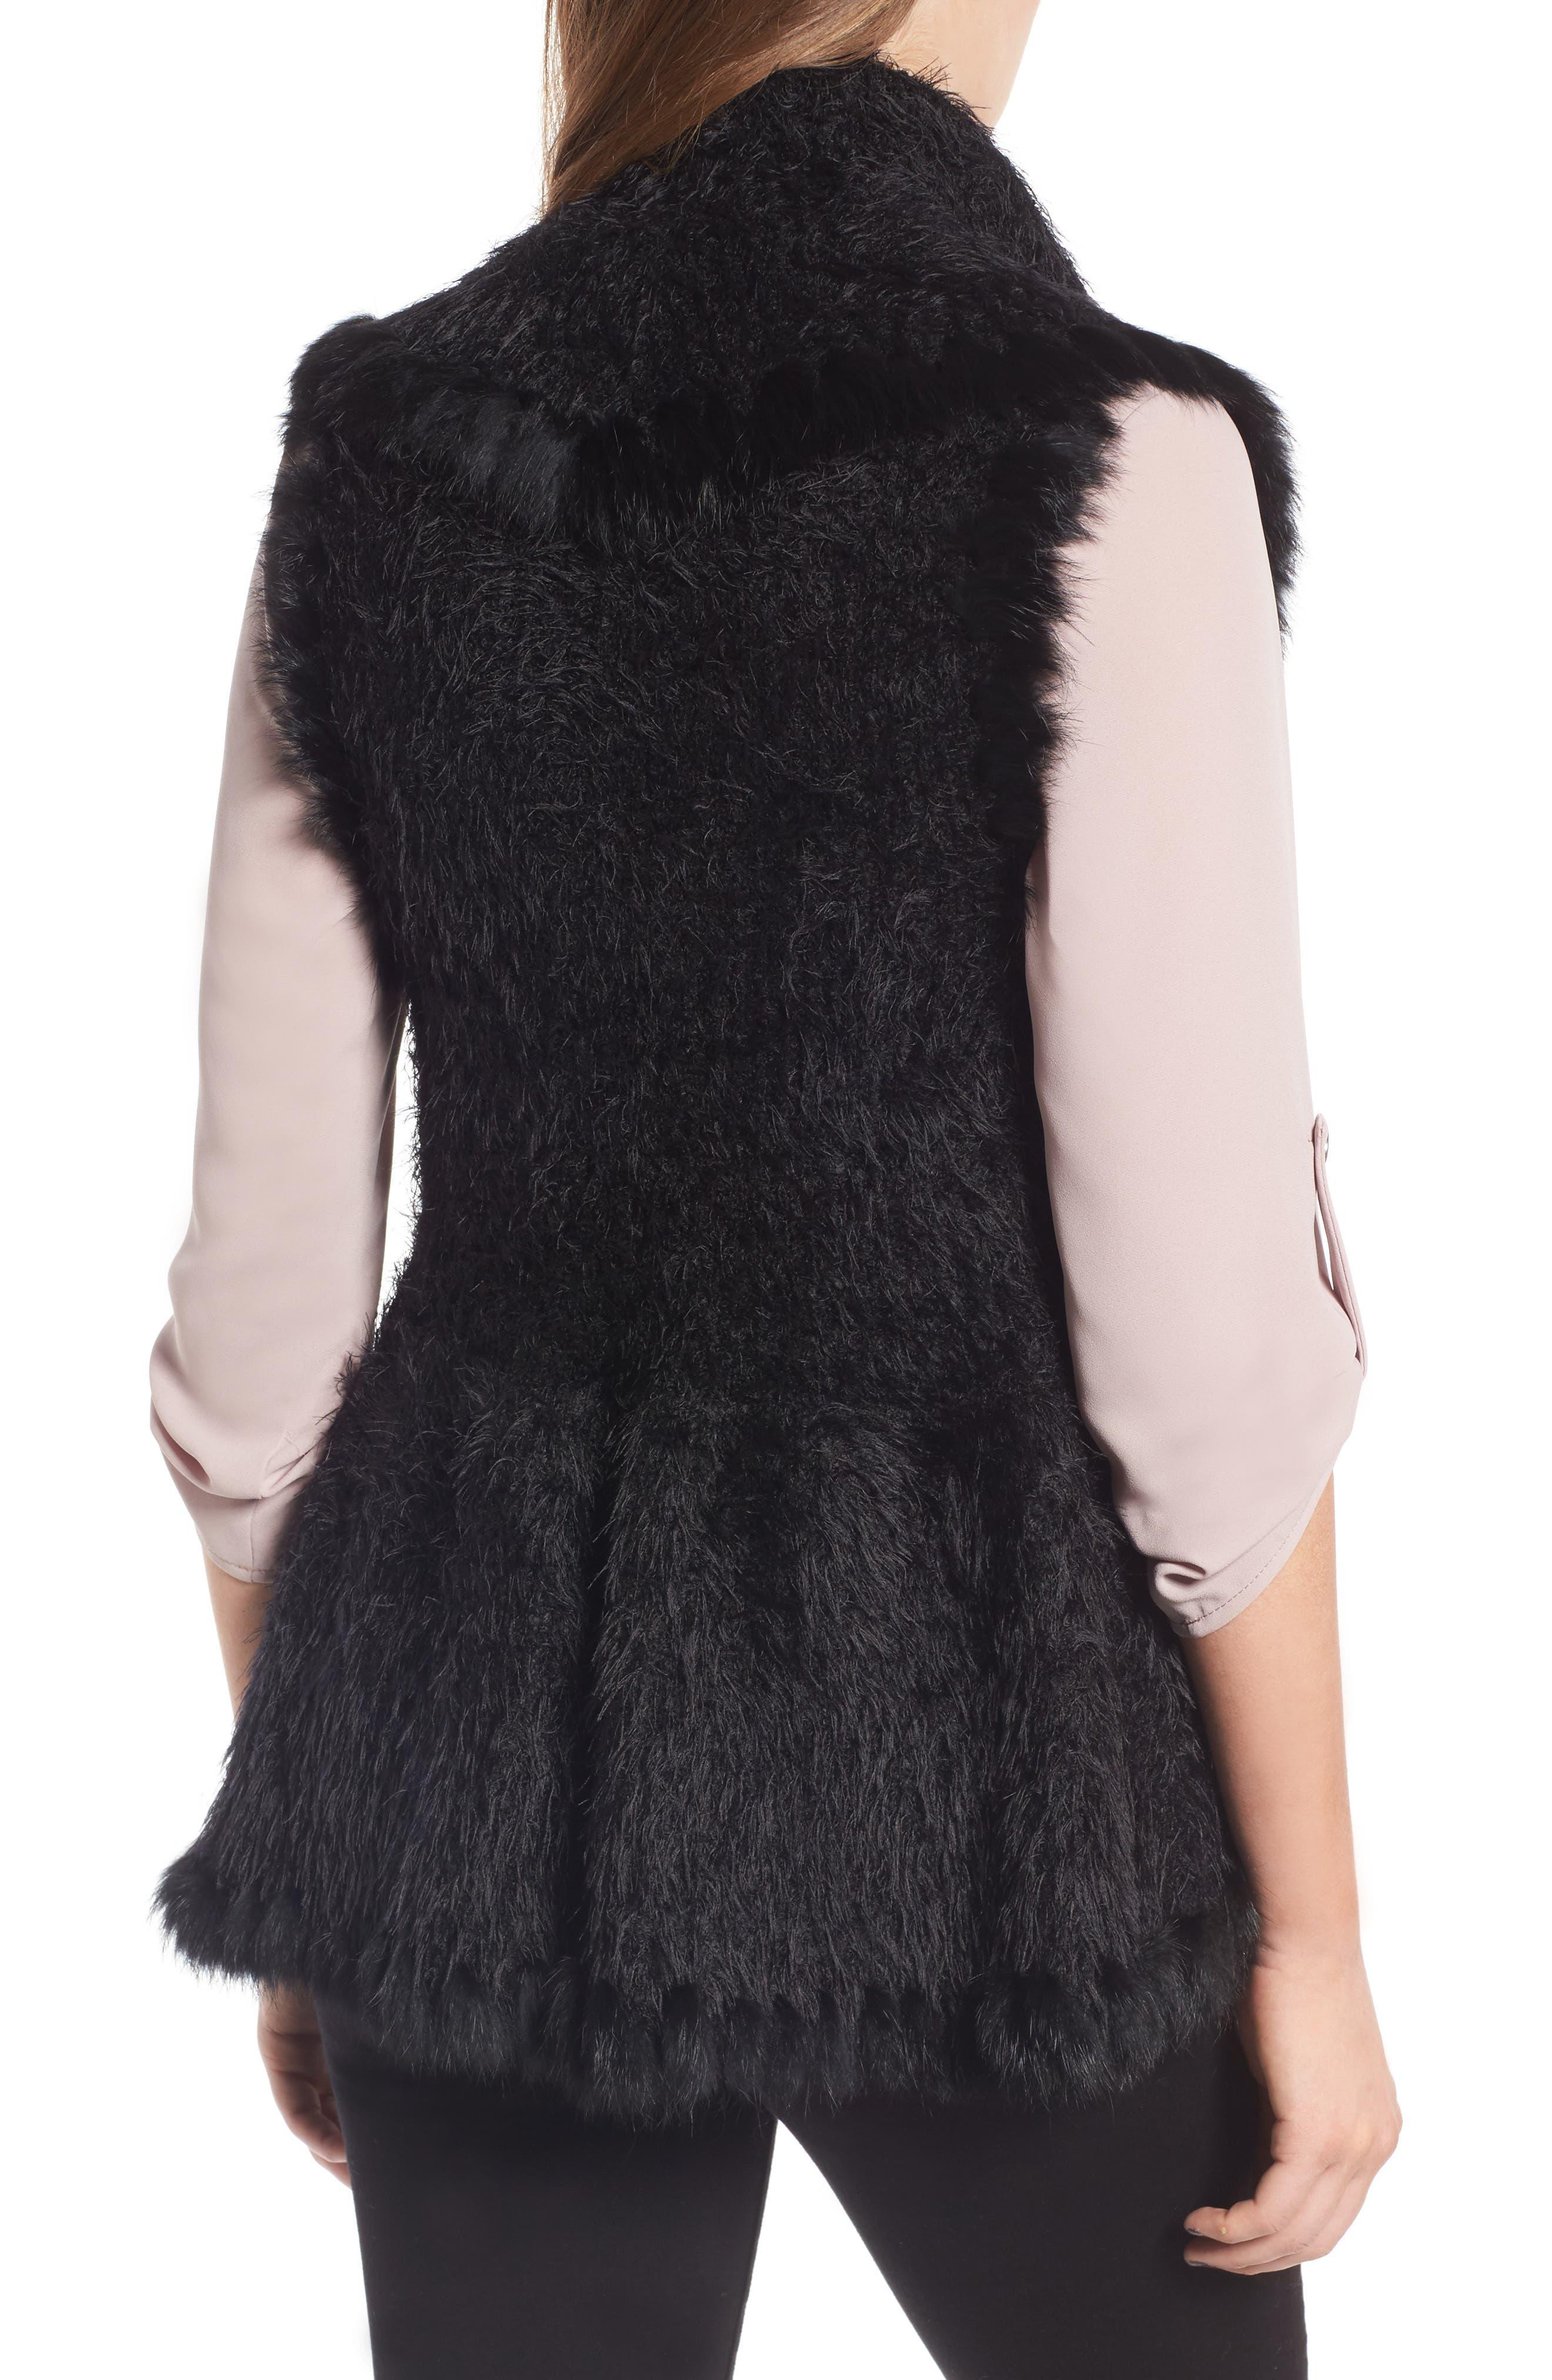 Knit Vest with Genuine Rabbit Fur Trim,                             Alternate thumbnail 4, color,